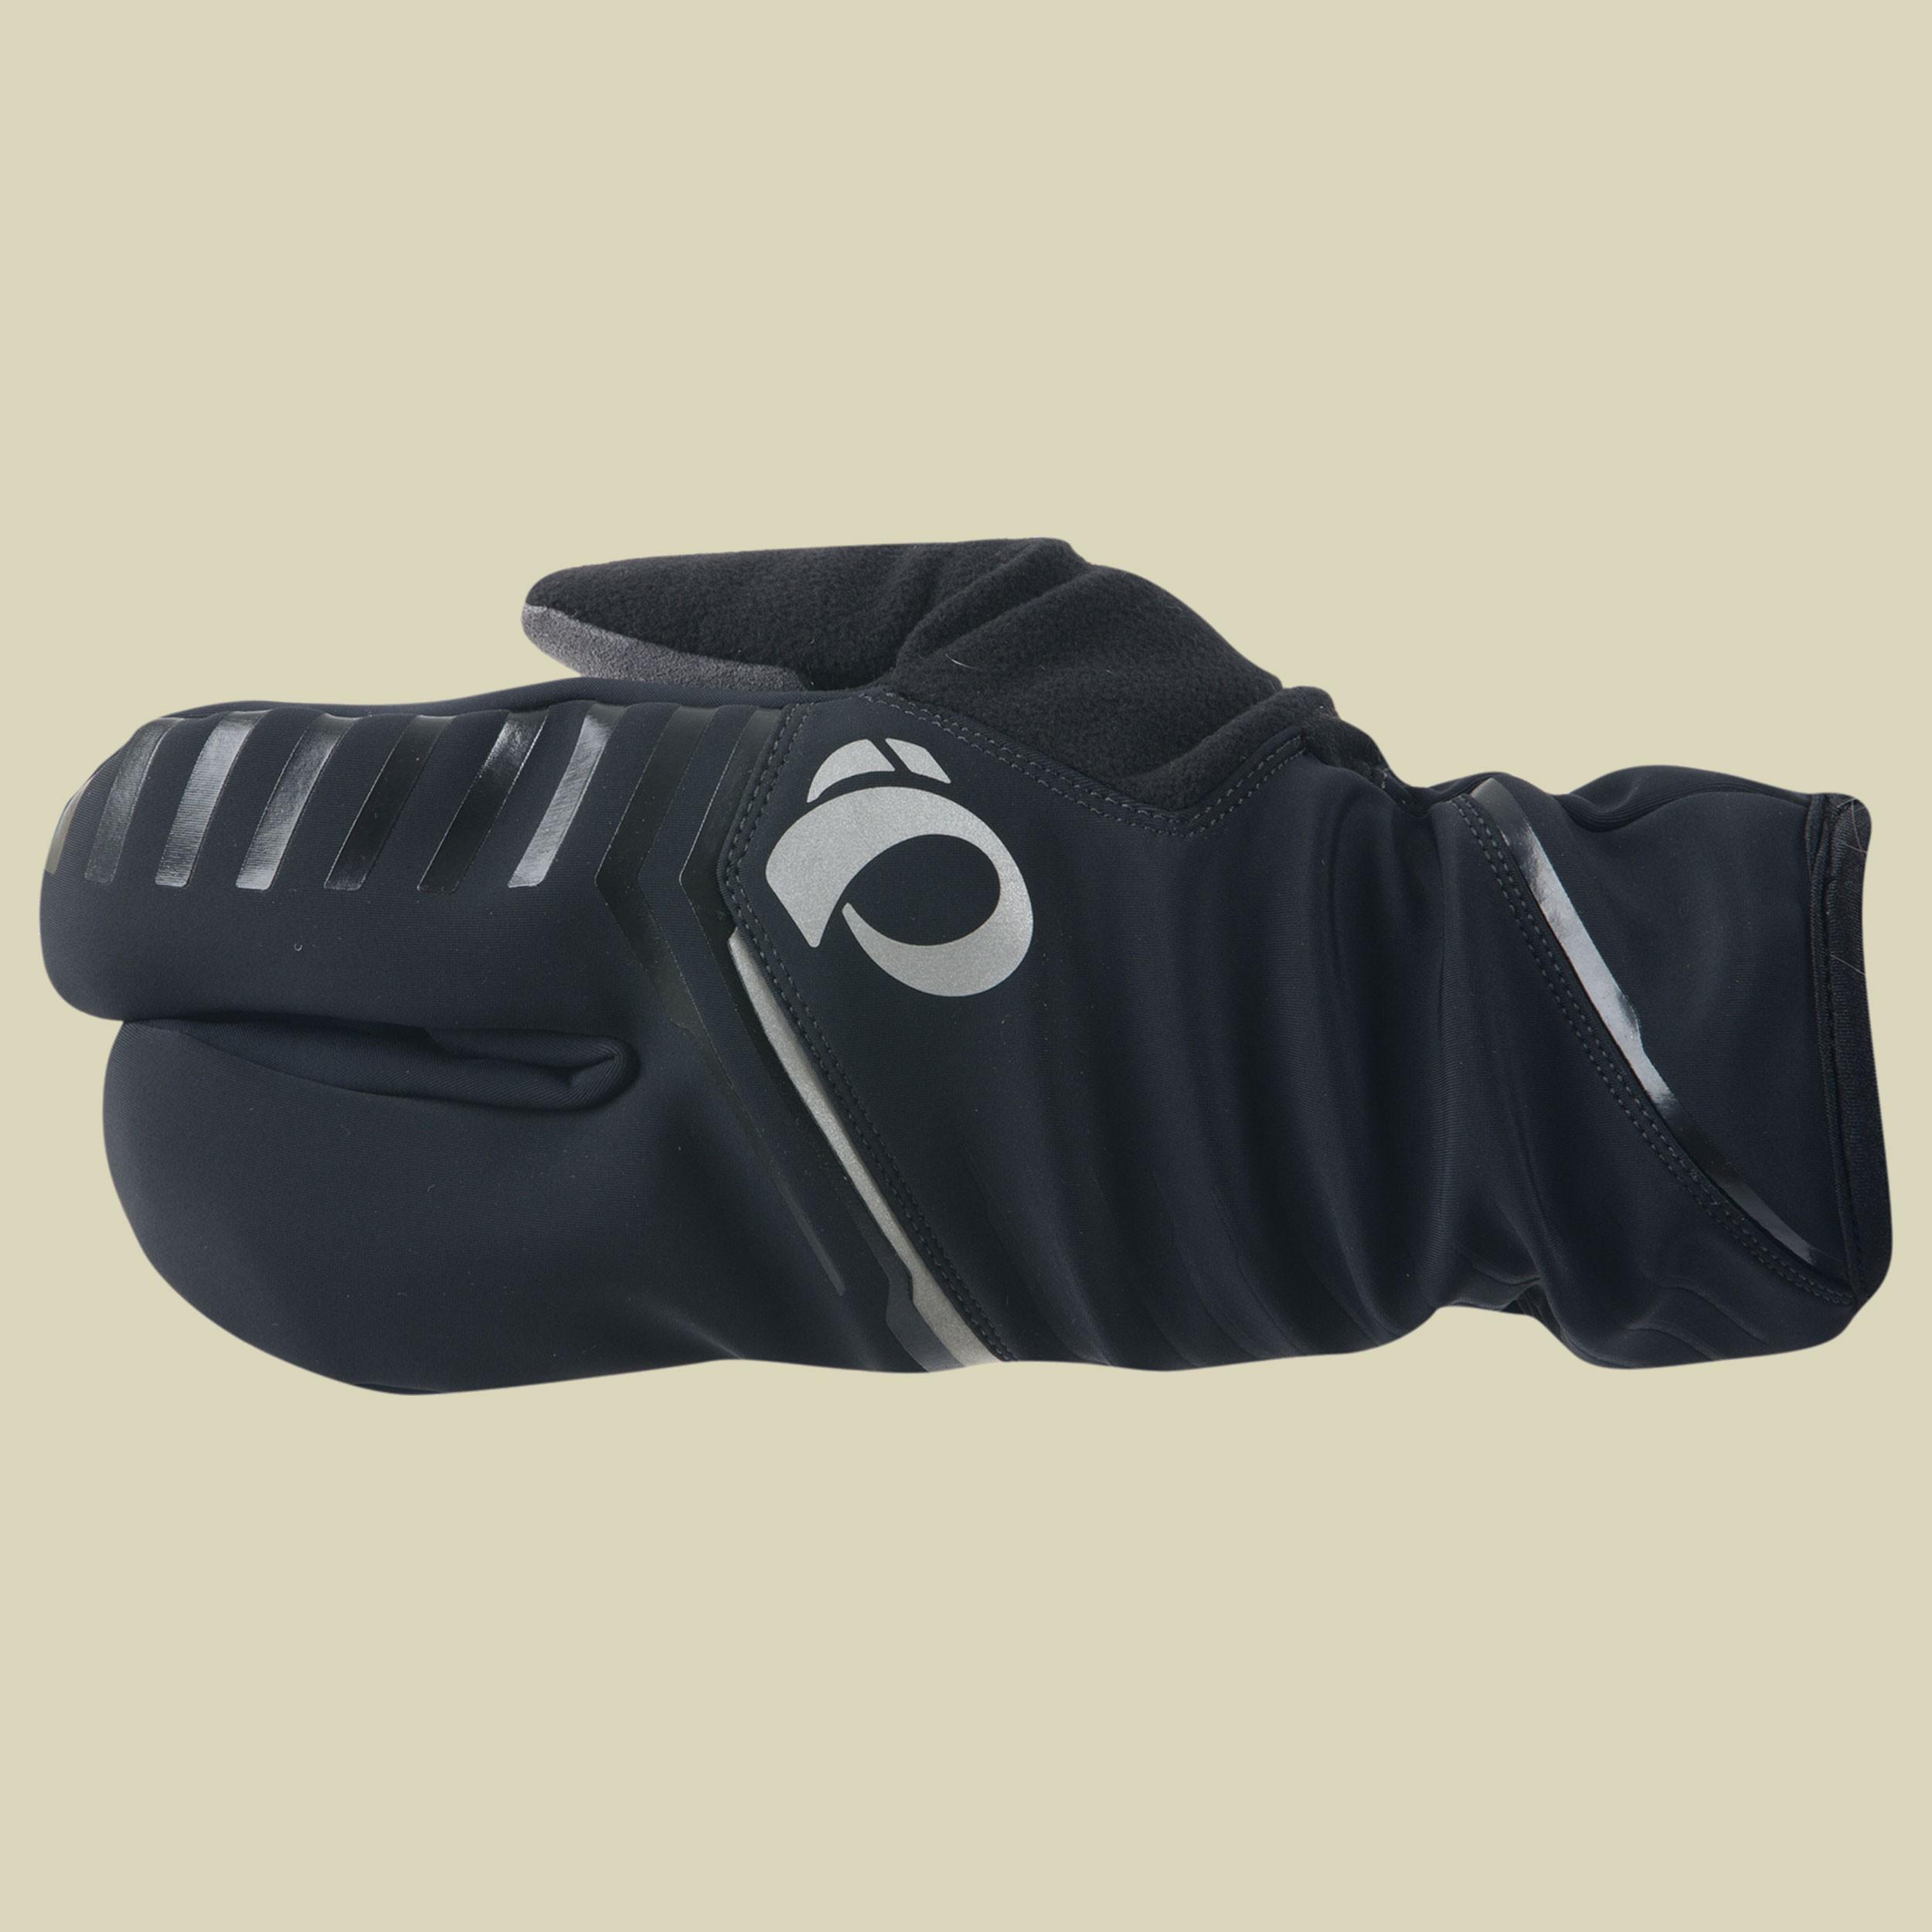 Pro AmFib Lobster Glove